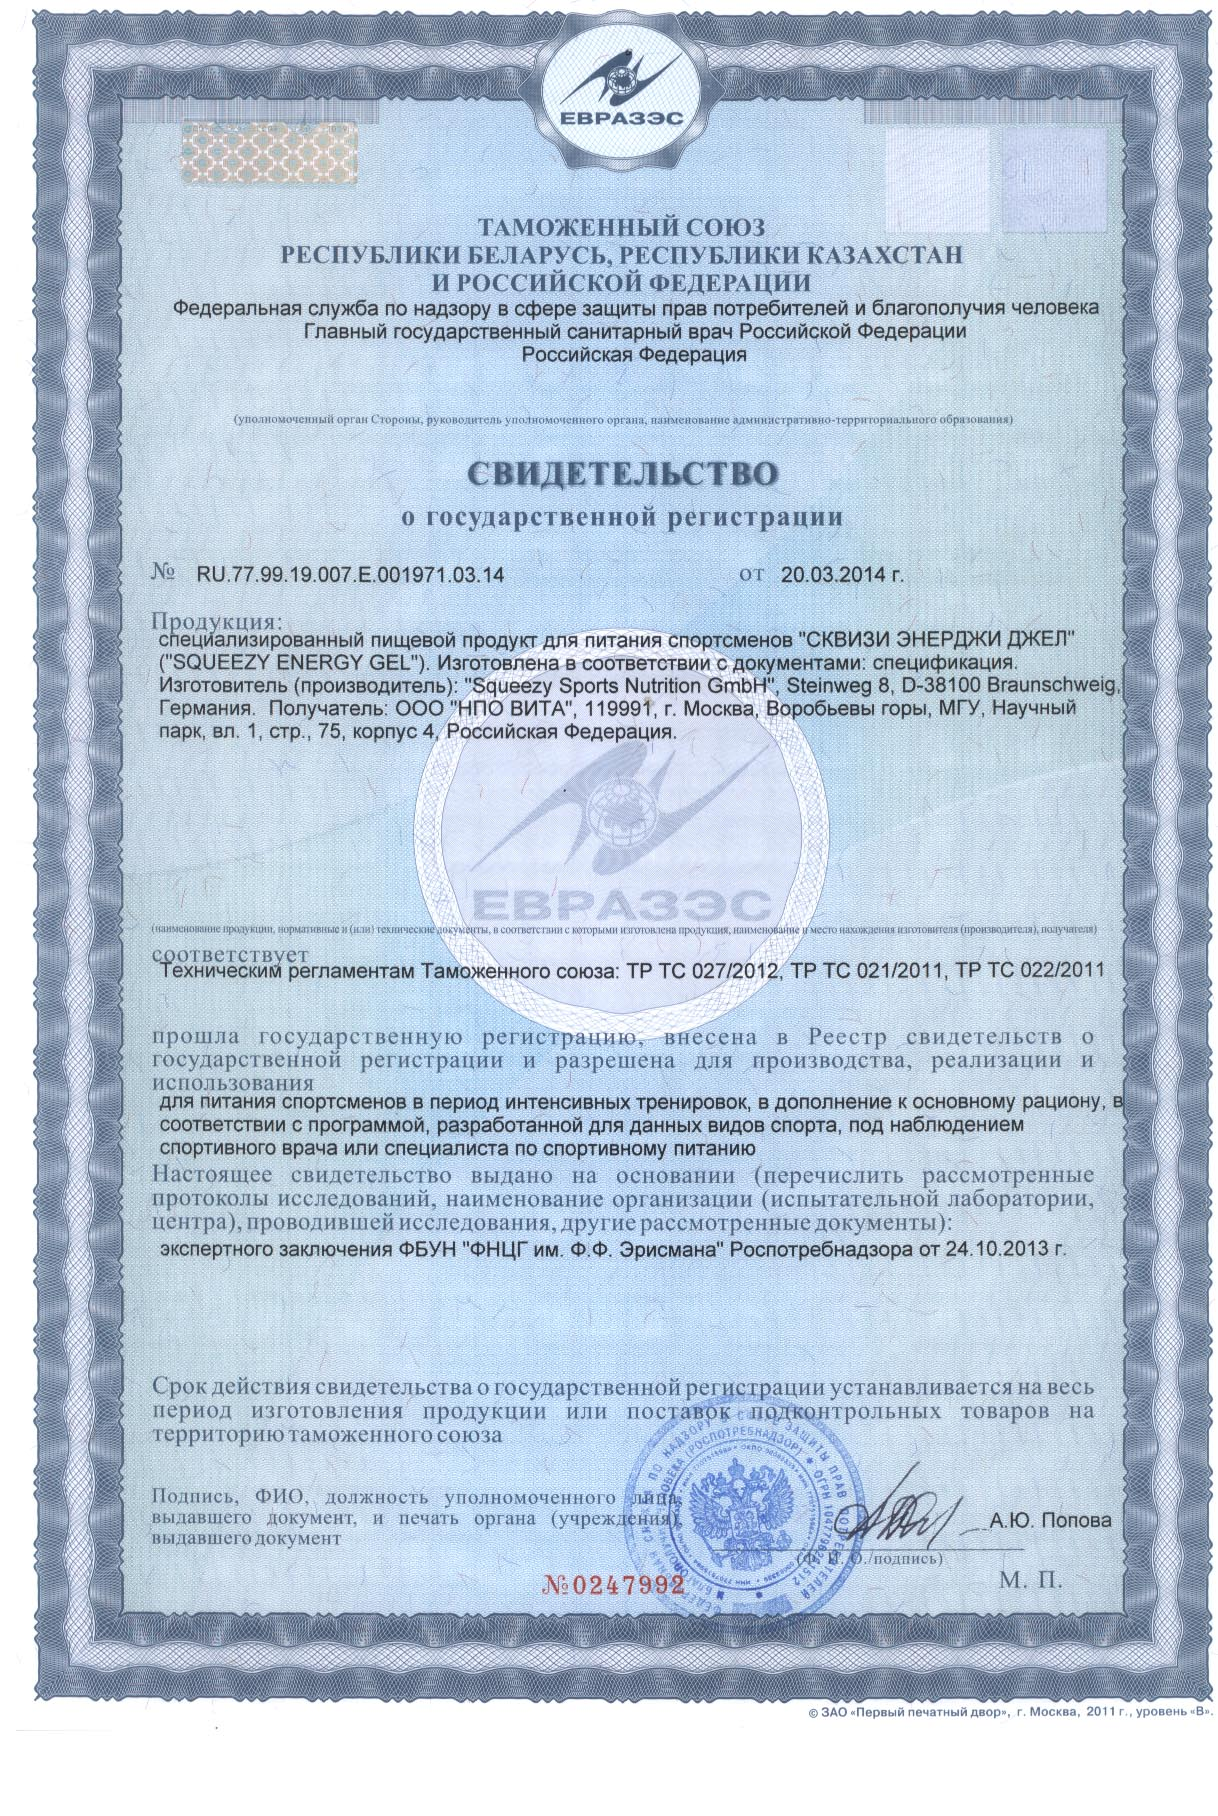 Сертификат ENERGY GEL